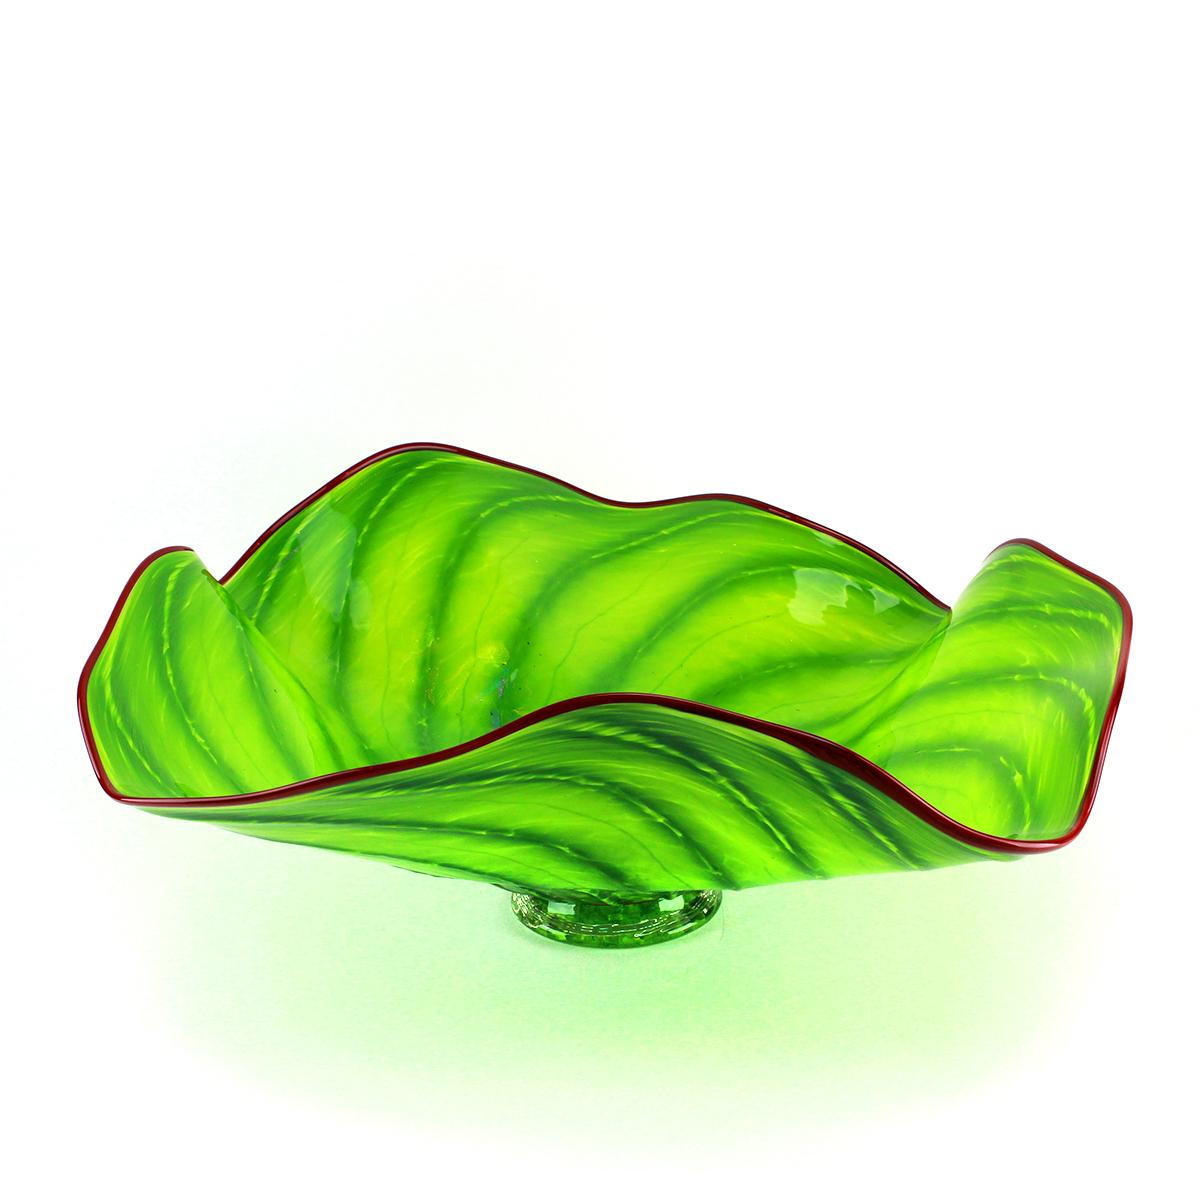 Green Palm Frond Glass Platter - alternate